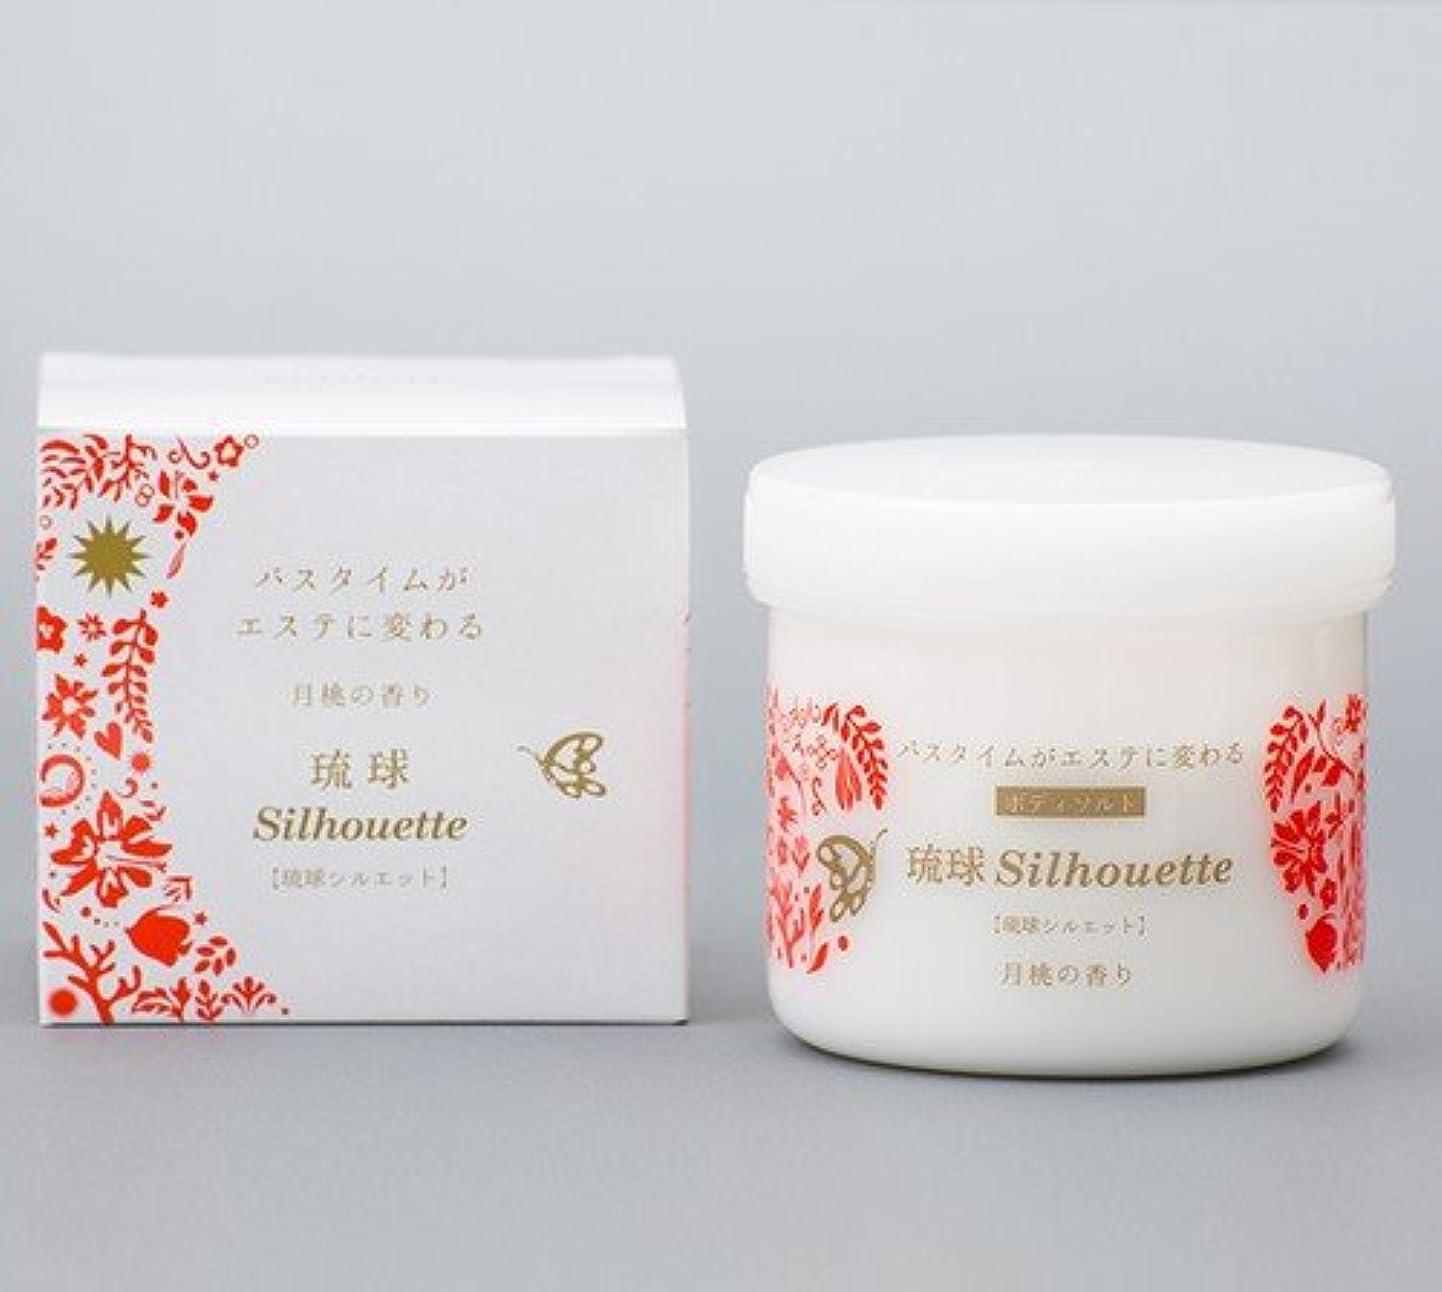 パターン公爵狂人月桃の香り 琉球シルエット ソルトソープ(200g)